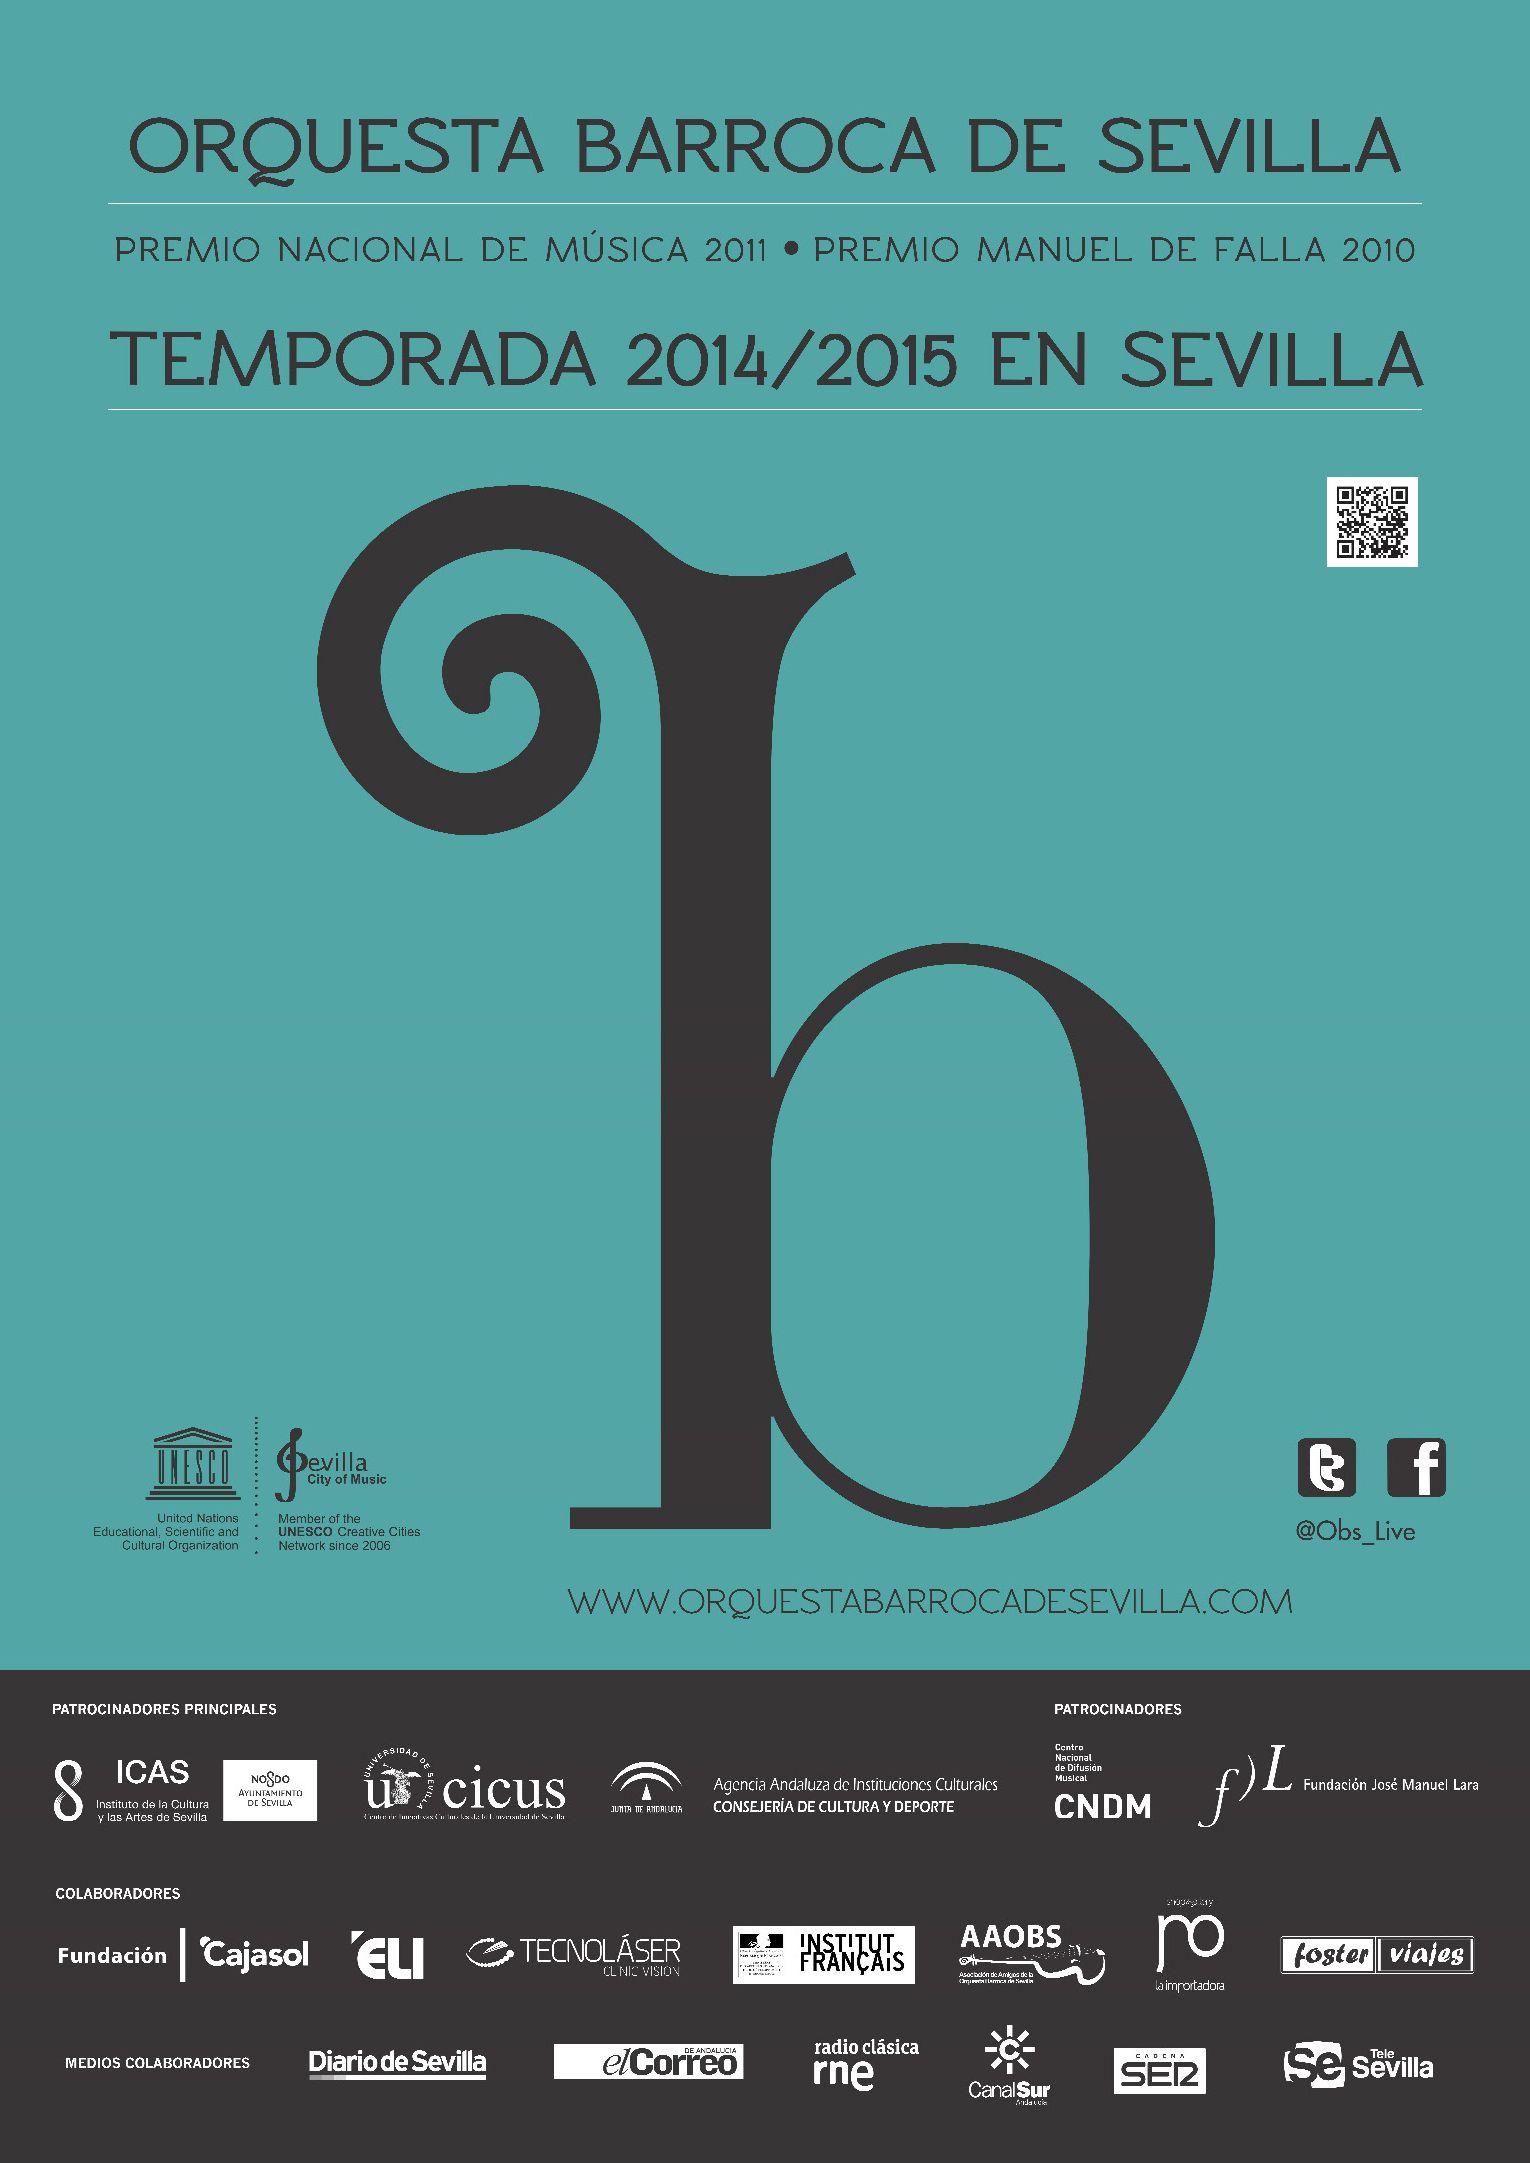 Cartel de la Temporada en Sevilla 2104-2015